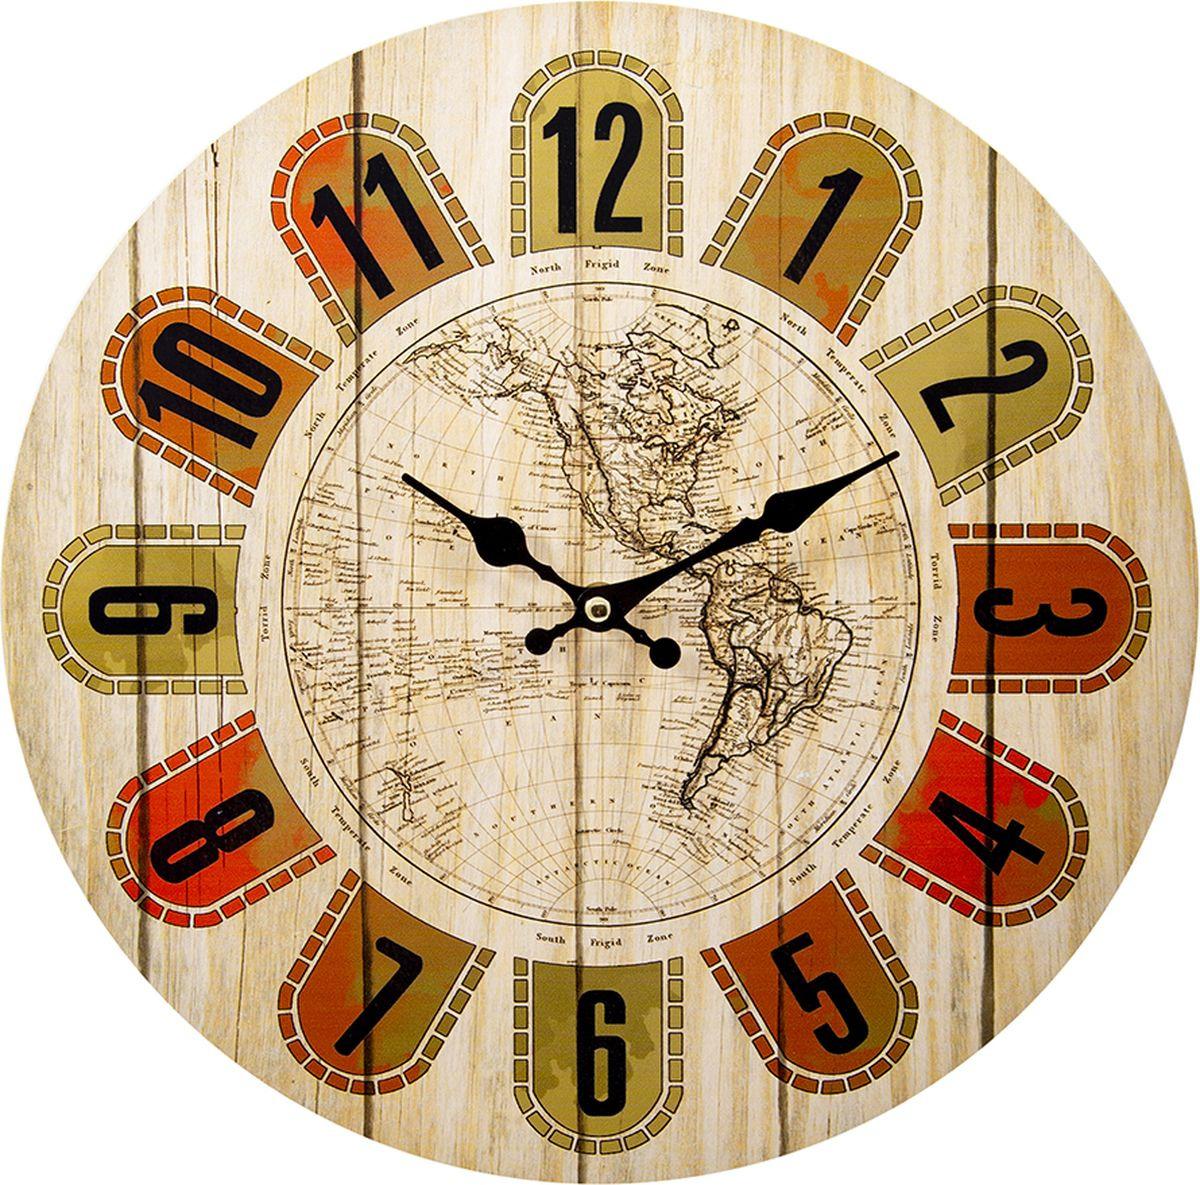 Настенные часы Русские подарки, 138641, мультиколор, 34 х 34 см стоимость